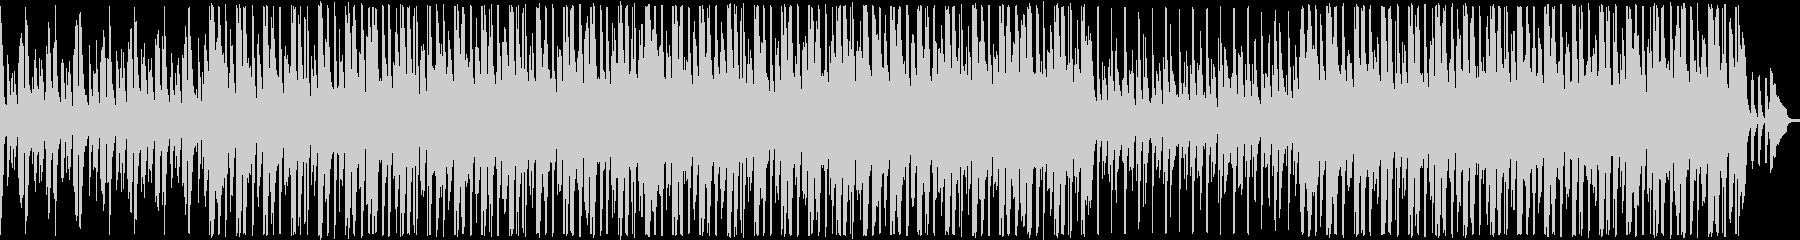 口笛の軽快なアコースティックサウンドの未再生の波形